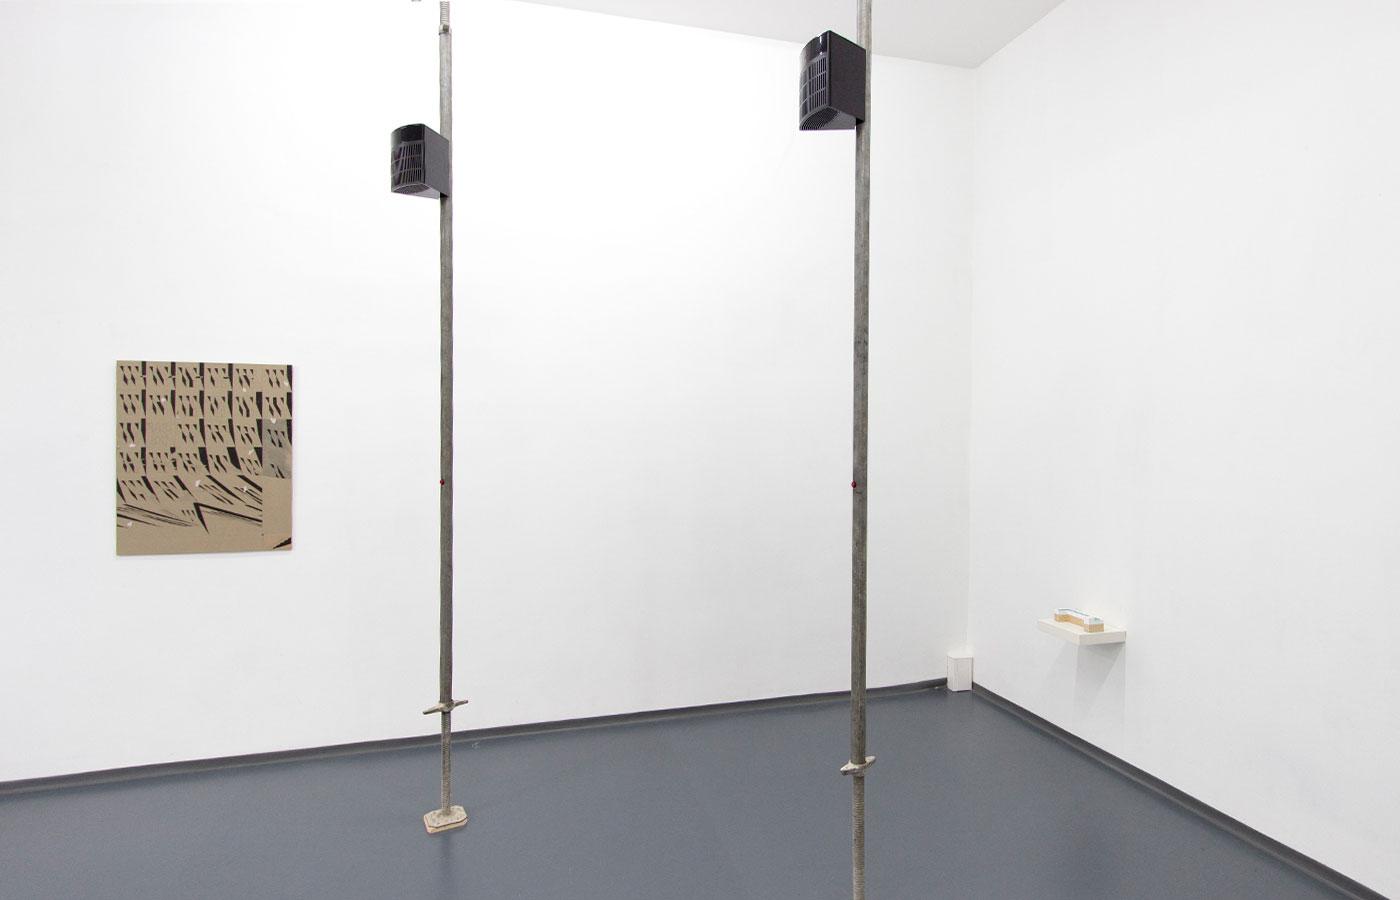 Georg_pinteritsch_exhibition-view-7_2019_bb15